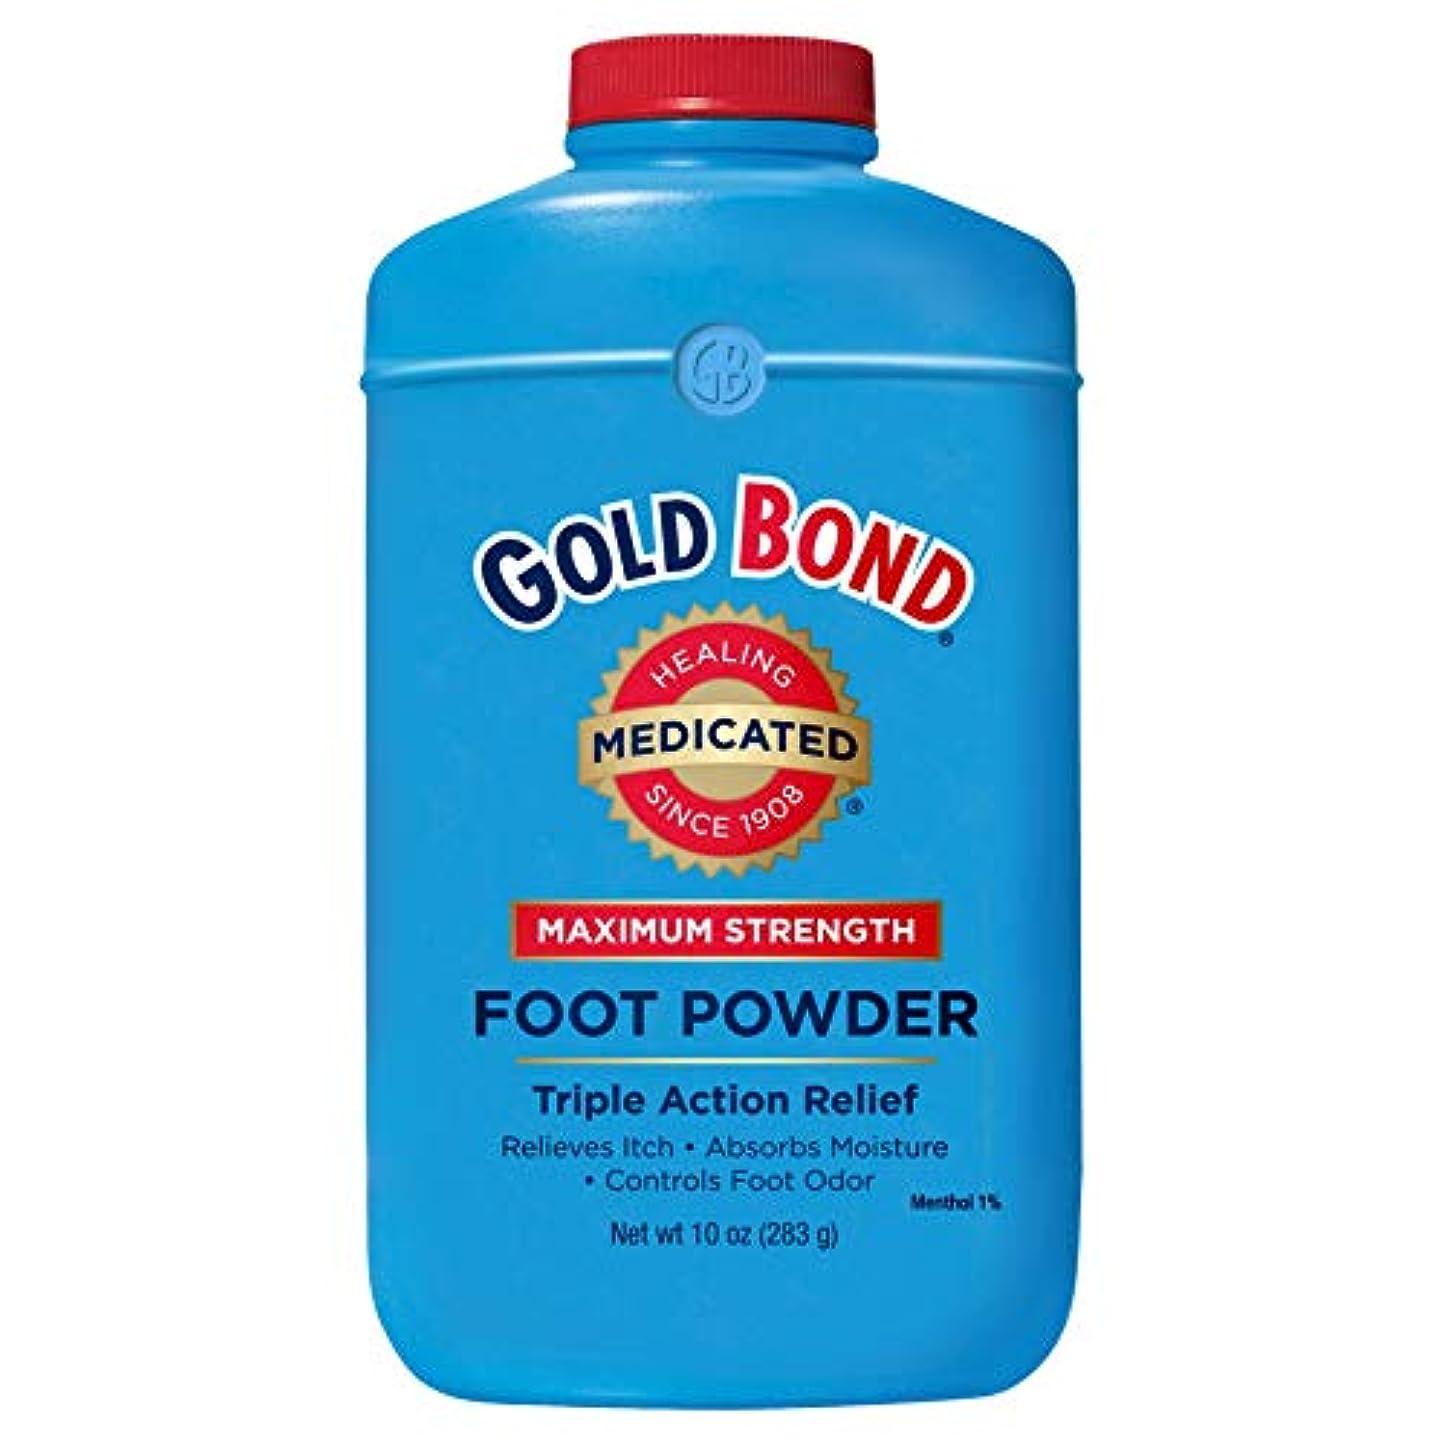 文明化する私達巨大Gold Bond 足Pwdのサイズ10Z薬用フットパウダートリプルアクション救済 4パック